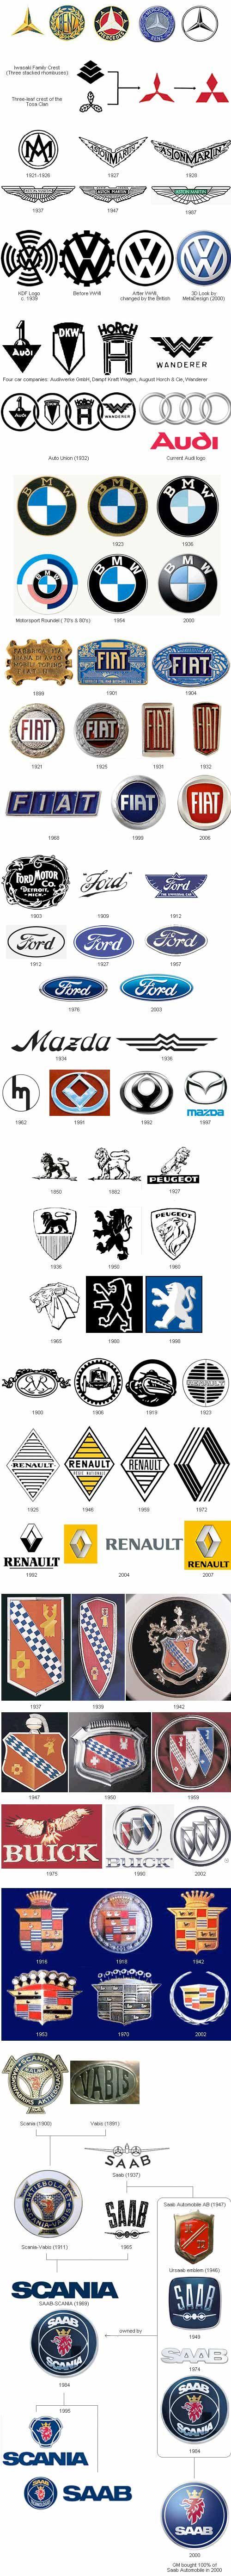 Evolución de #logos de marcas de #coches.